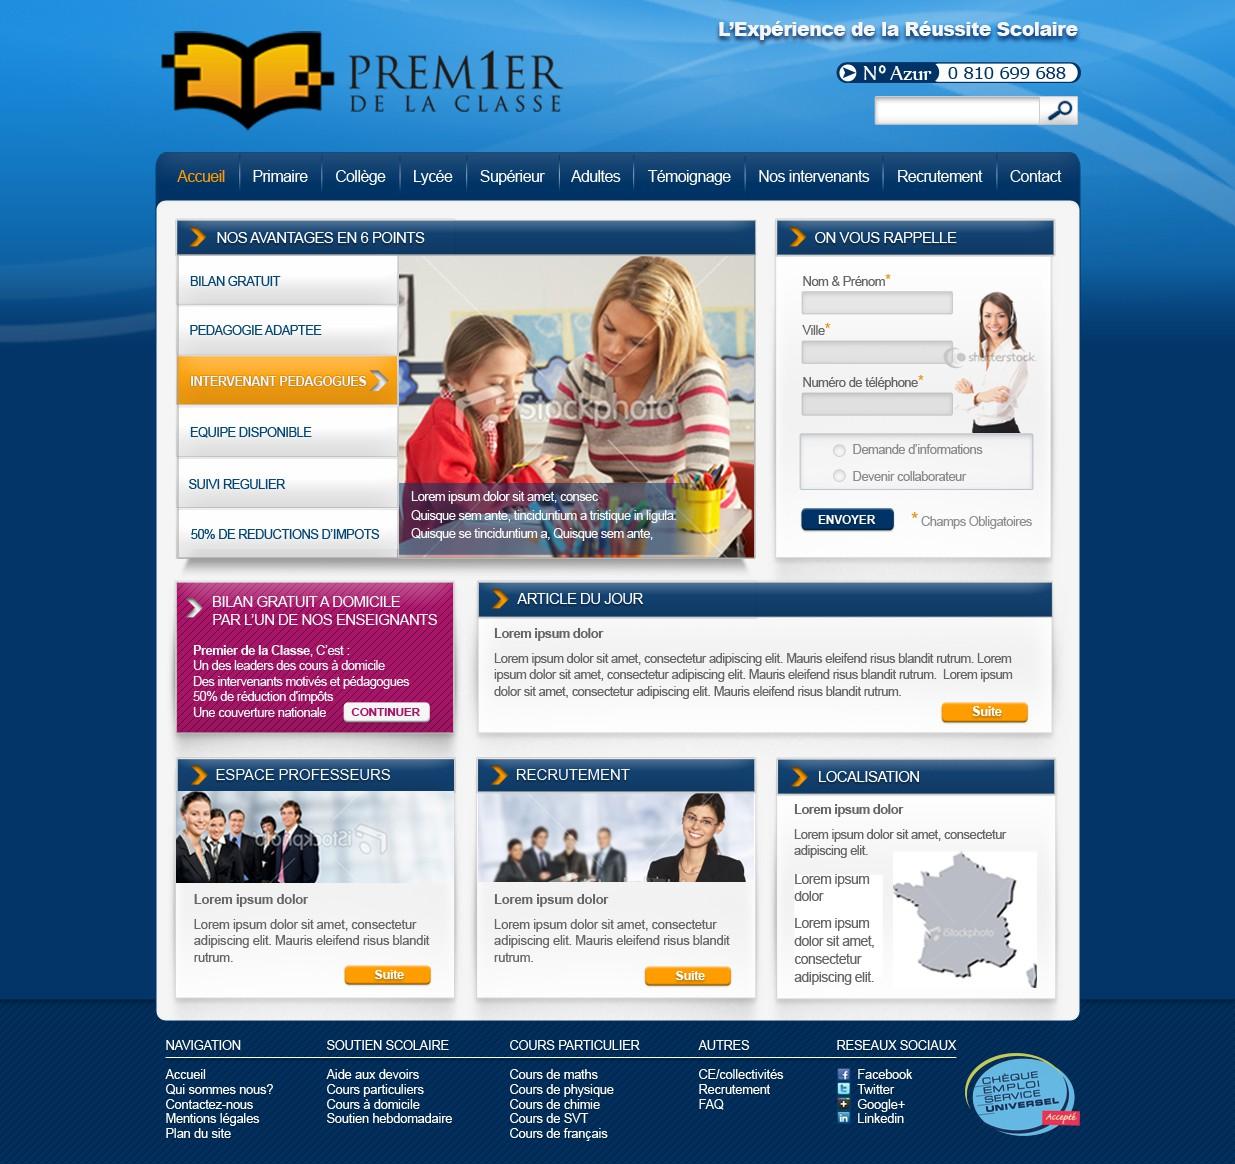 Premier de la classe needs a new website design